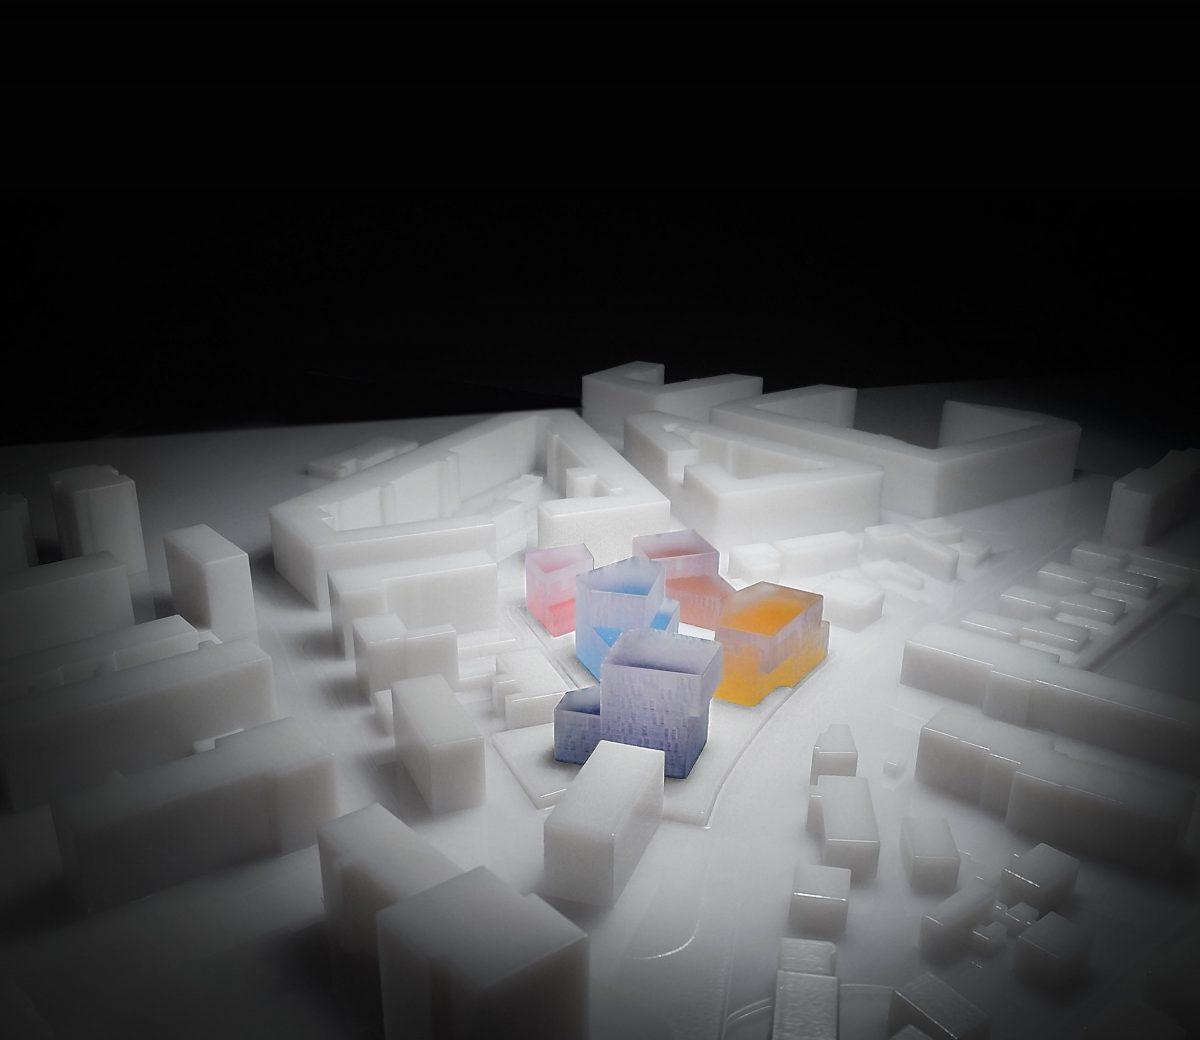 Das Wettbewerbsmodell gedruckt mit 3-D Laser-Sinterung für den Entwurf vom Wohnquartier